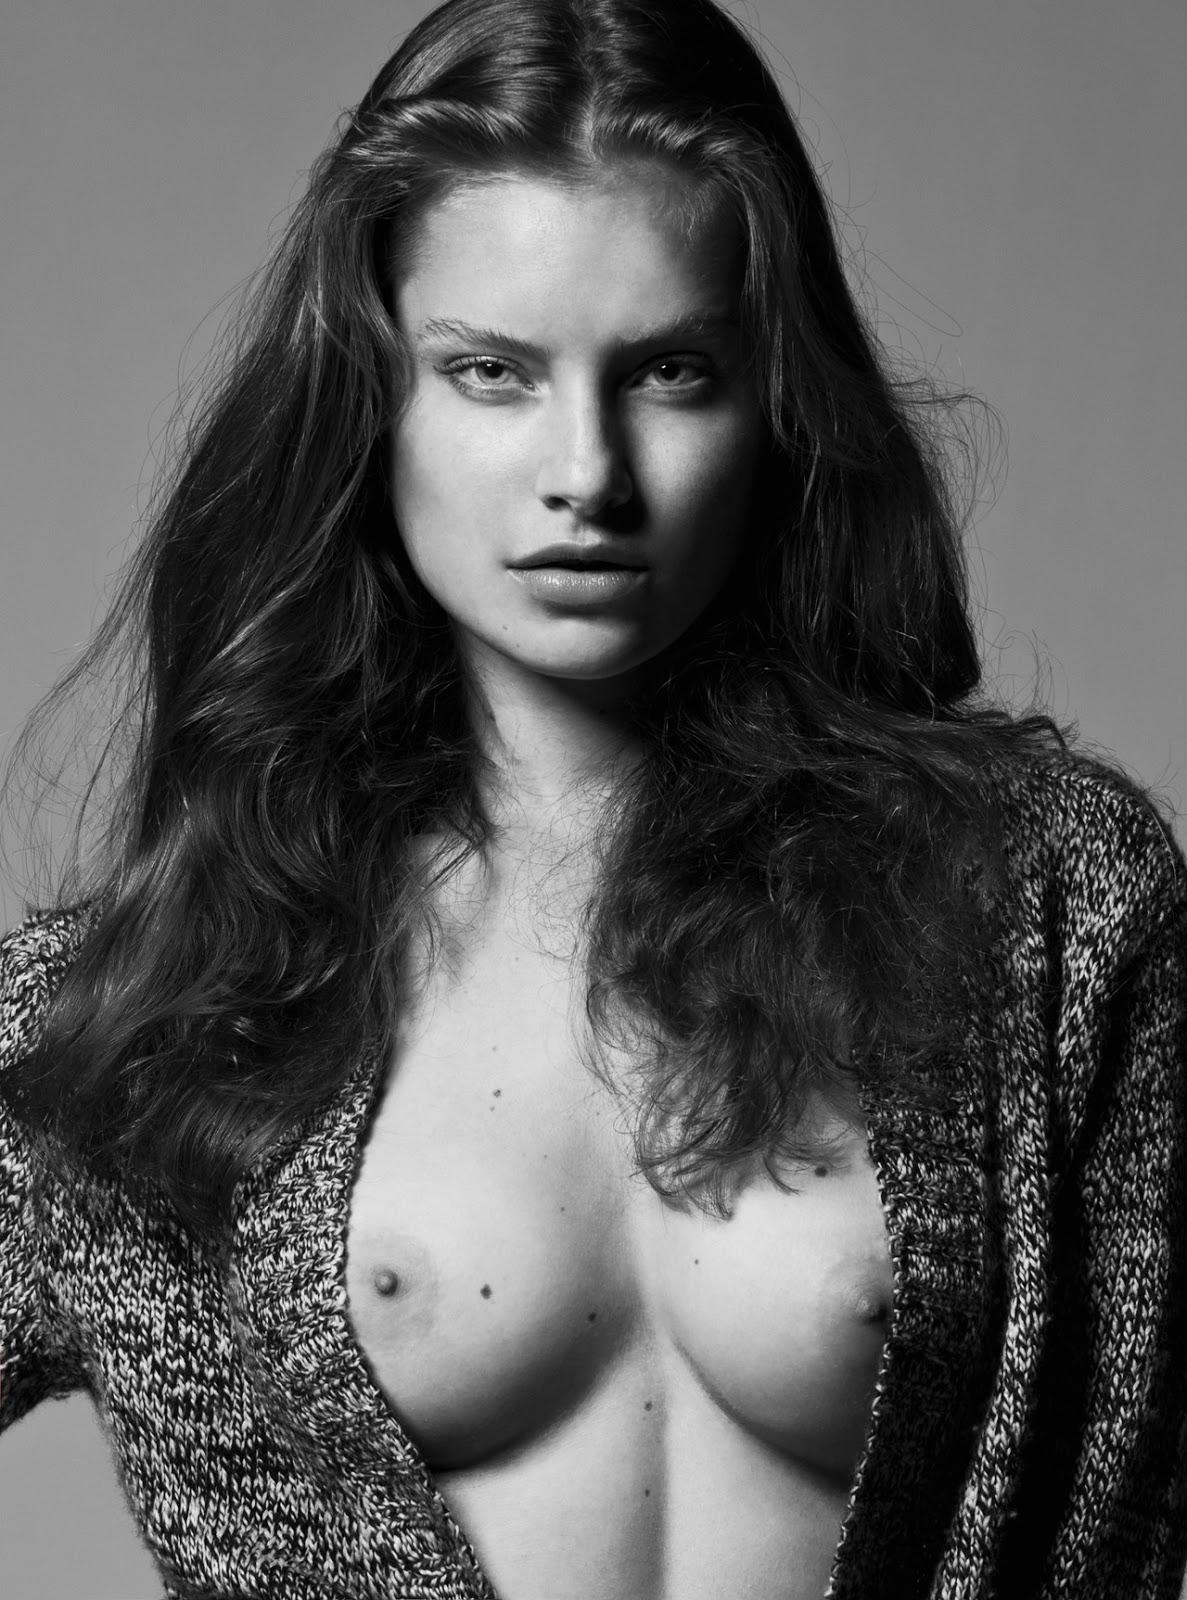 Emily ratajkowski in micro bikini 29 Photos picture